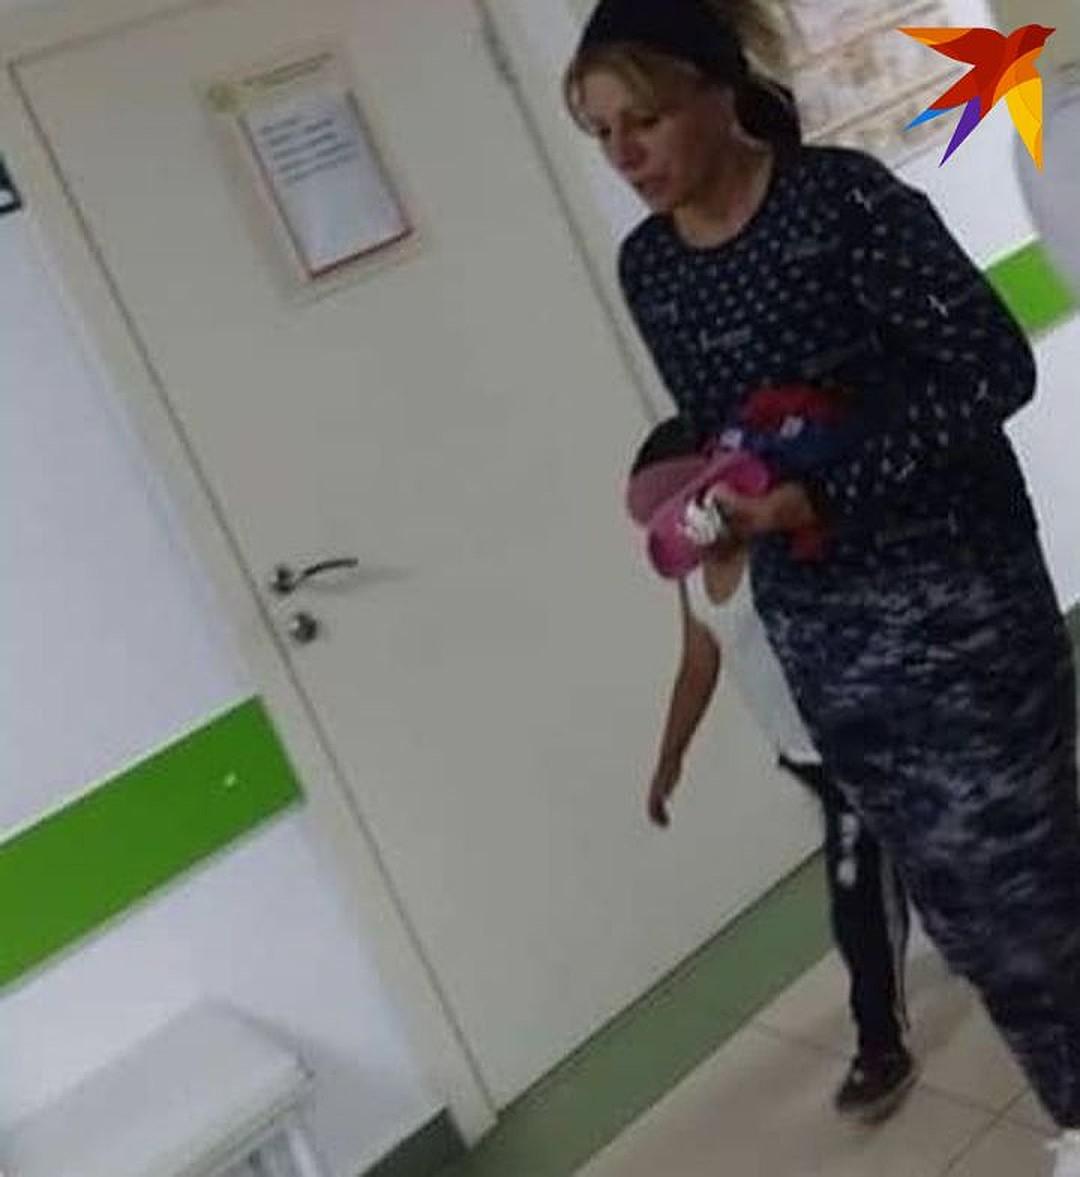 """- ЭтоГаниеваМака Юсуповна, 1984 года рождения, живущая в городеСунжа, ранее судимая по статье """"Умышленное причинение тяжкого вреда здоровью, опасного для жизни человека!"""", - сообщили """"КП-СеверныйКавказ"""" в следствии. Известно, что девочка находилась у Ганиевой под опекой. Сейчас Ганиева помещена в изолятор временного содержания. Ее допрашивают следователи, выясняющие мотивы издевательств над ребенком."""